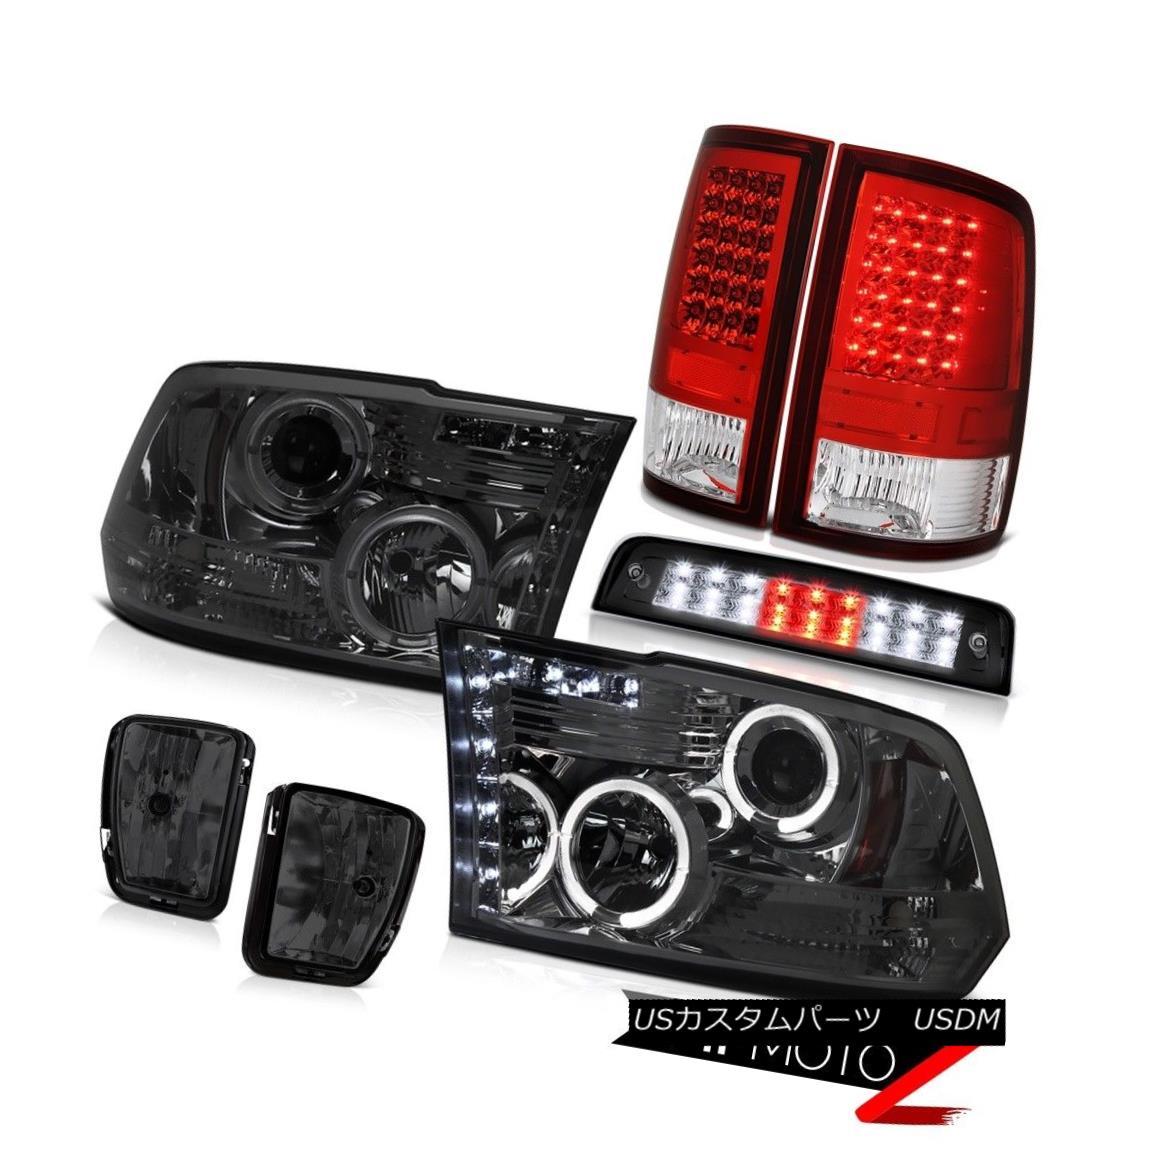 ヘッドライト 13-18 Ram 1500 Lone Star Roof Cab Light Smokey Fog Lamps Tail Headlamps Halo Rim 13-18ラム1500ローンスタールーフキャブライトスモーキーフォグランプテールヘッドランプハローリム